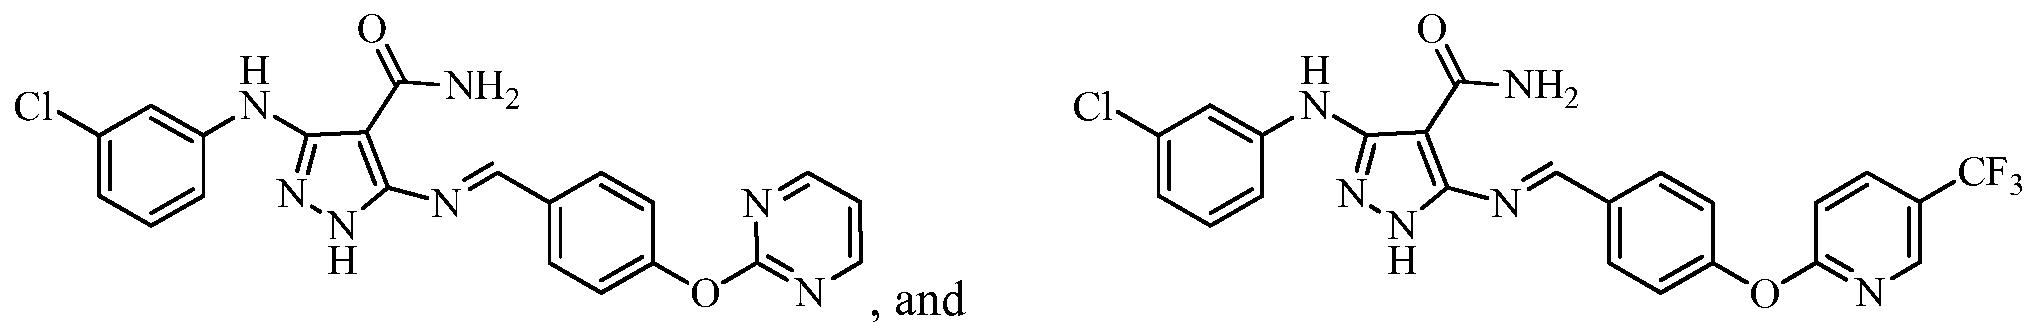 Figure imgf000180_0005